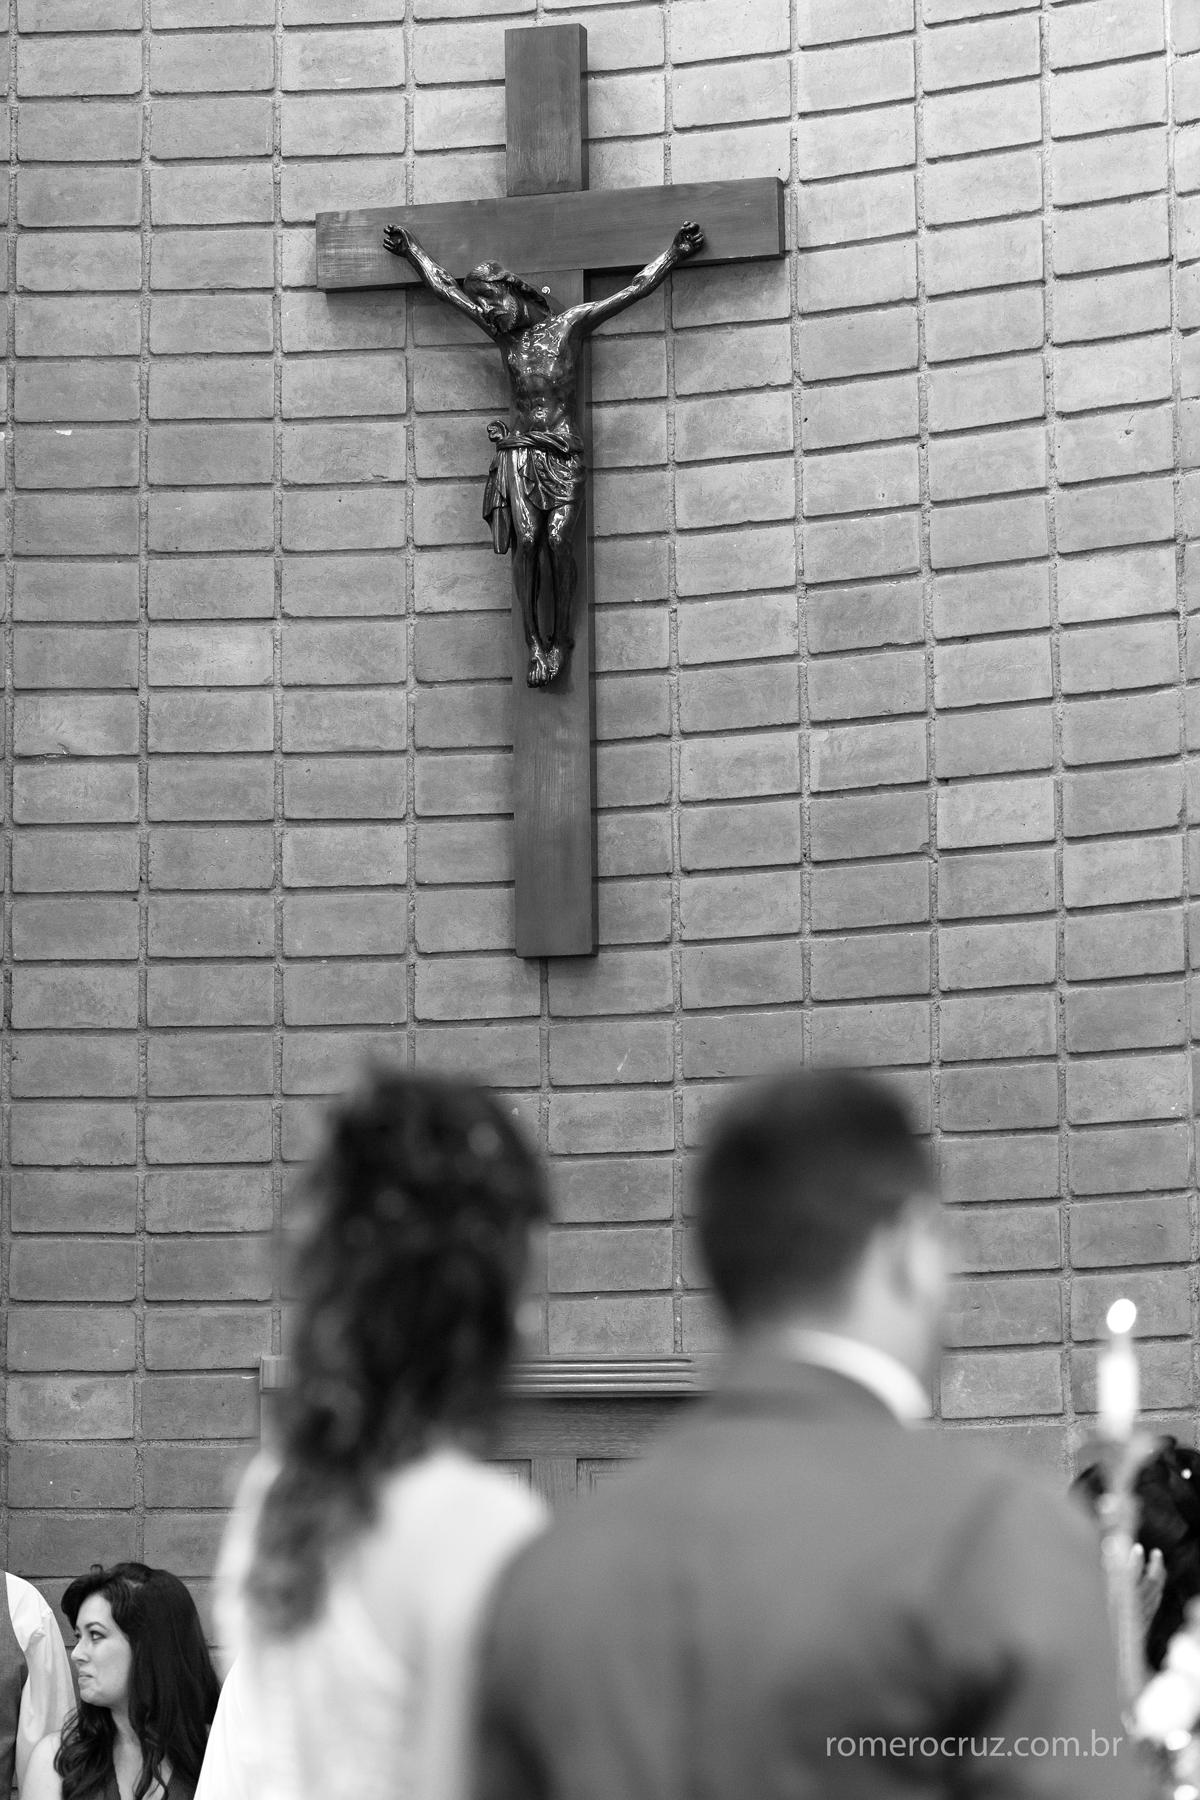 Foto do detalhe da Igreja Verbo Divino em São Paulo-SP pela lente do fotógrafo Romero Cruz